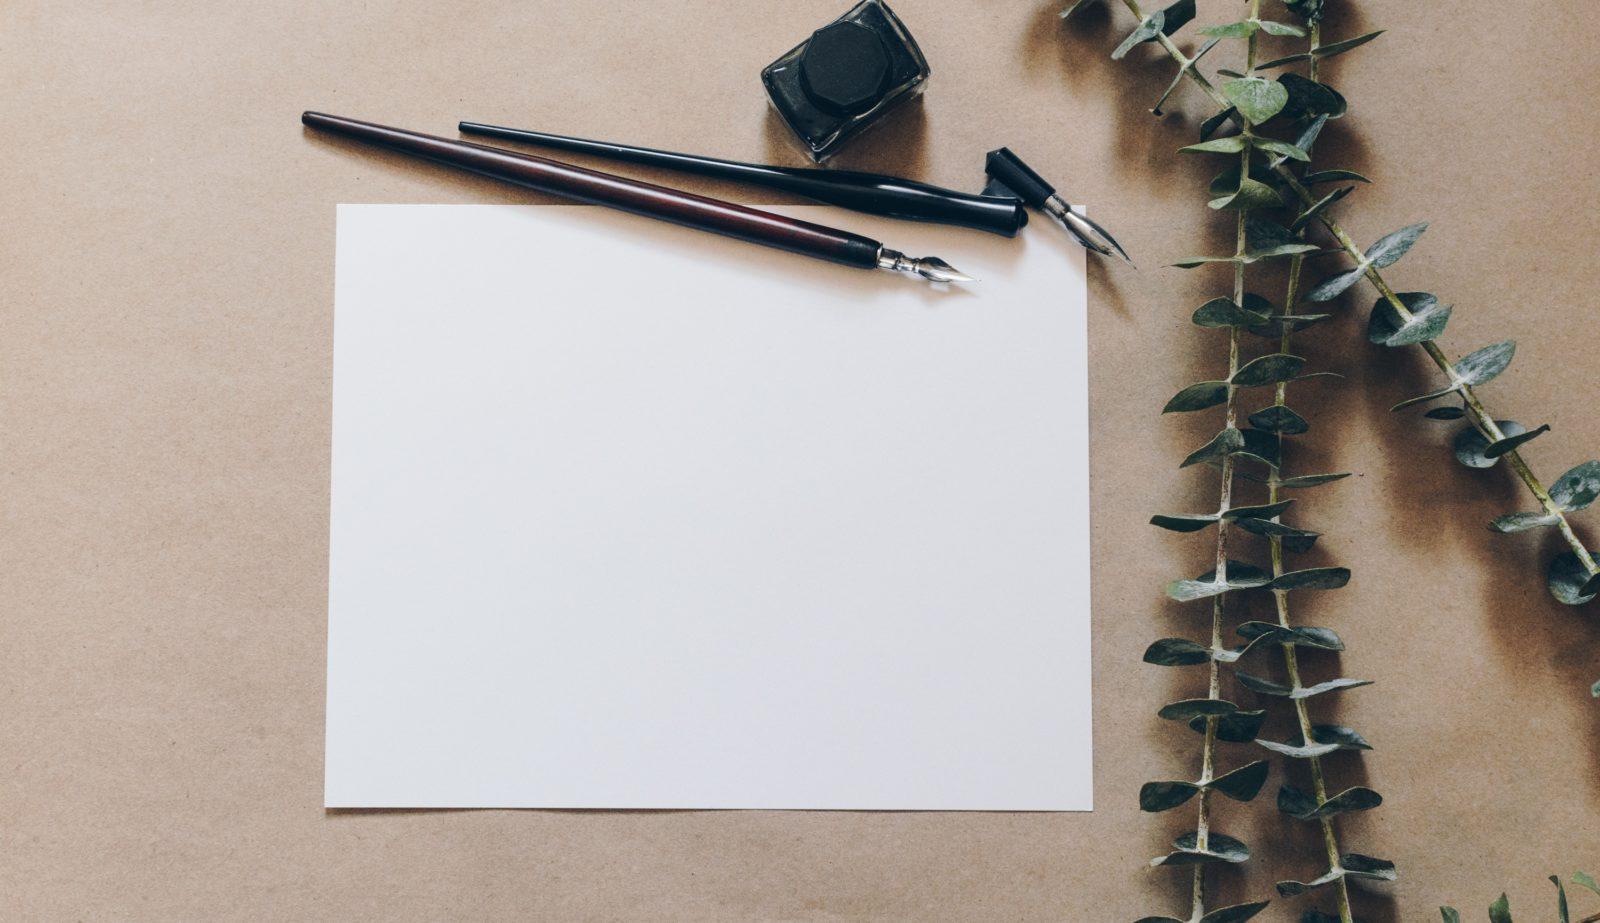 手紙用のペンとレターパッド